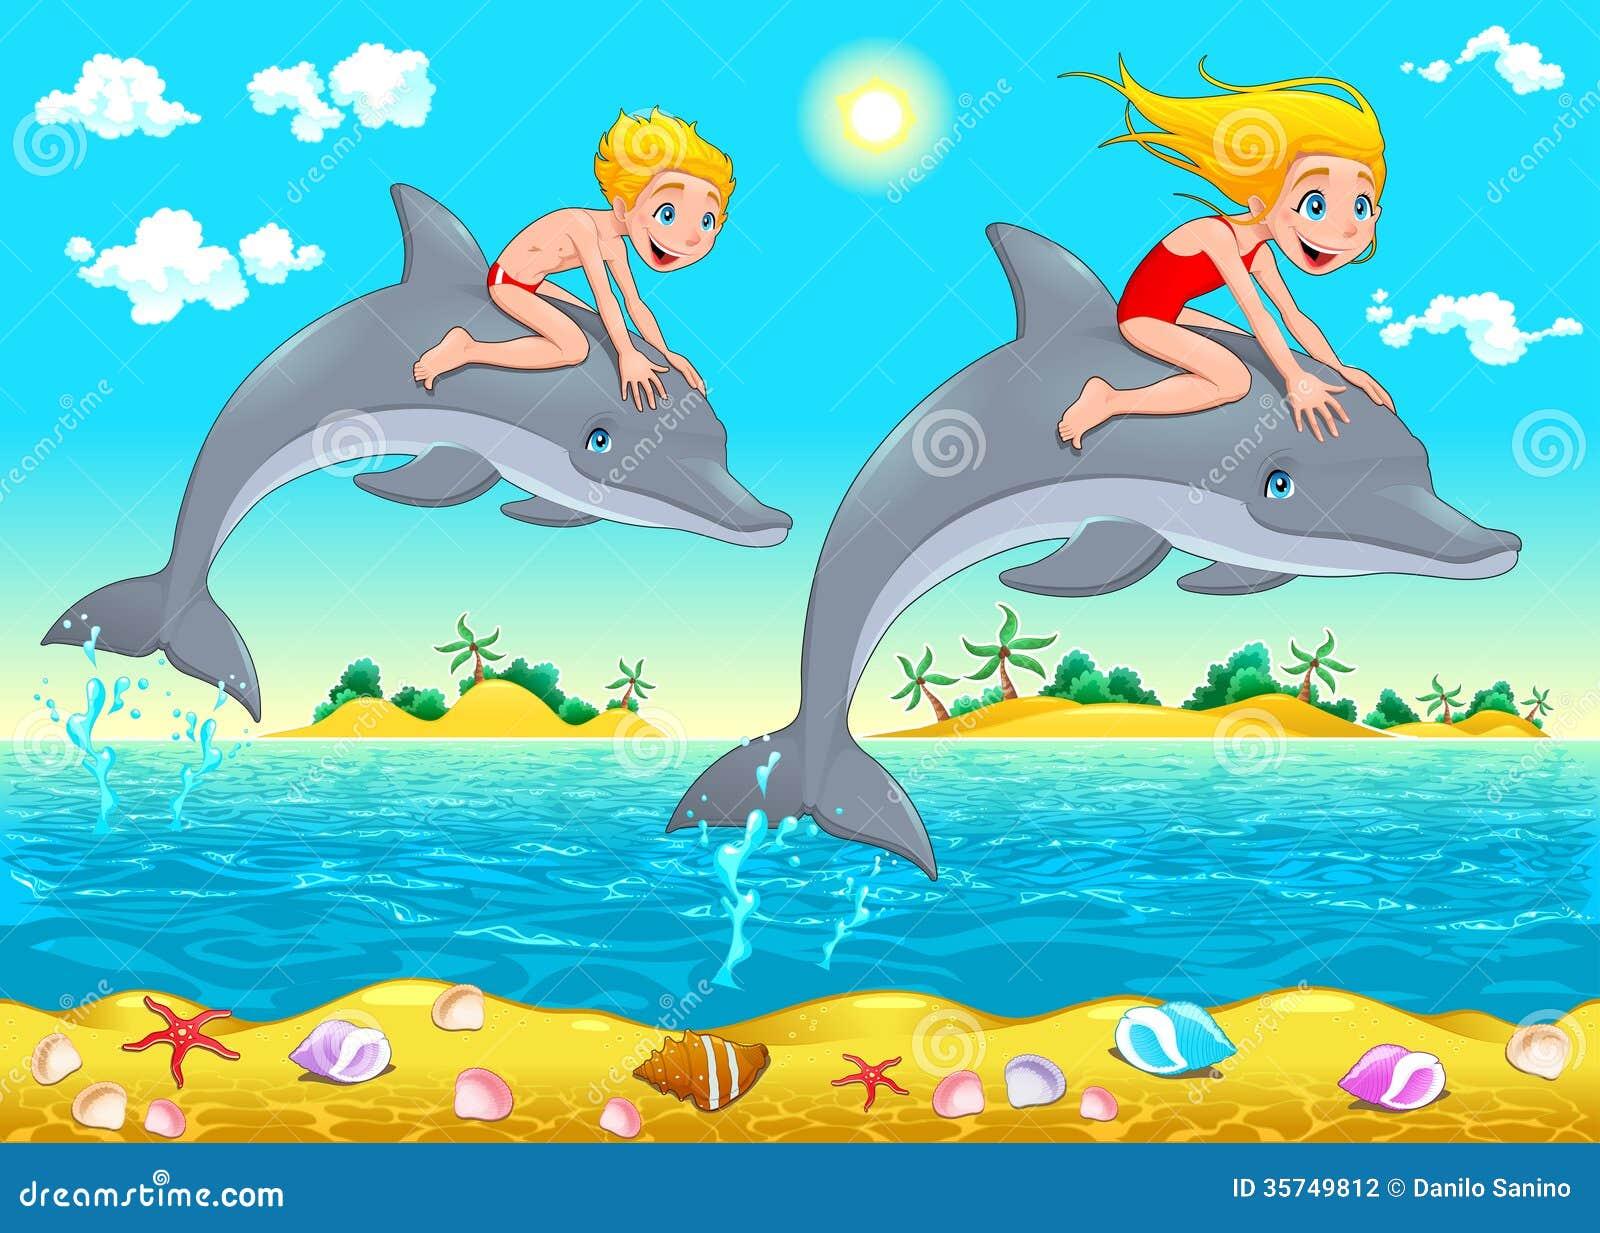 Ragazzo, ragazza e delfino nel mare.